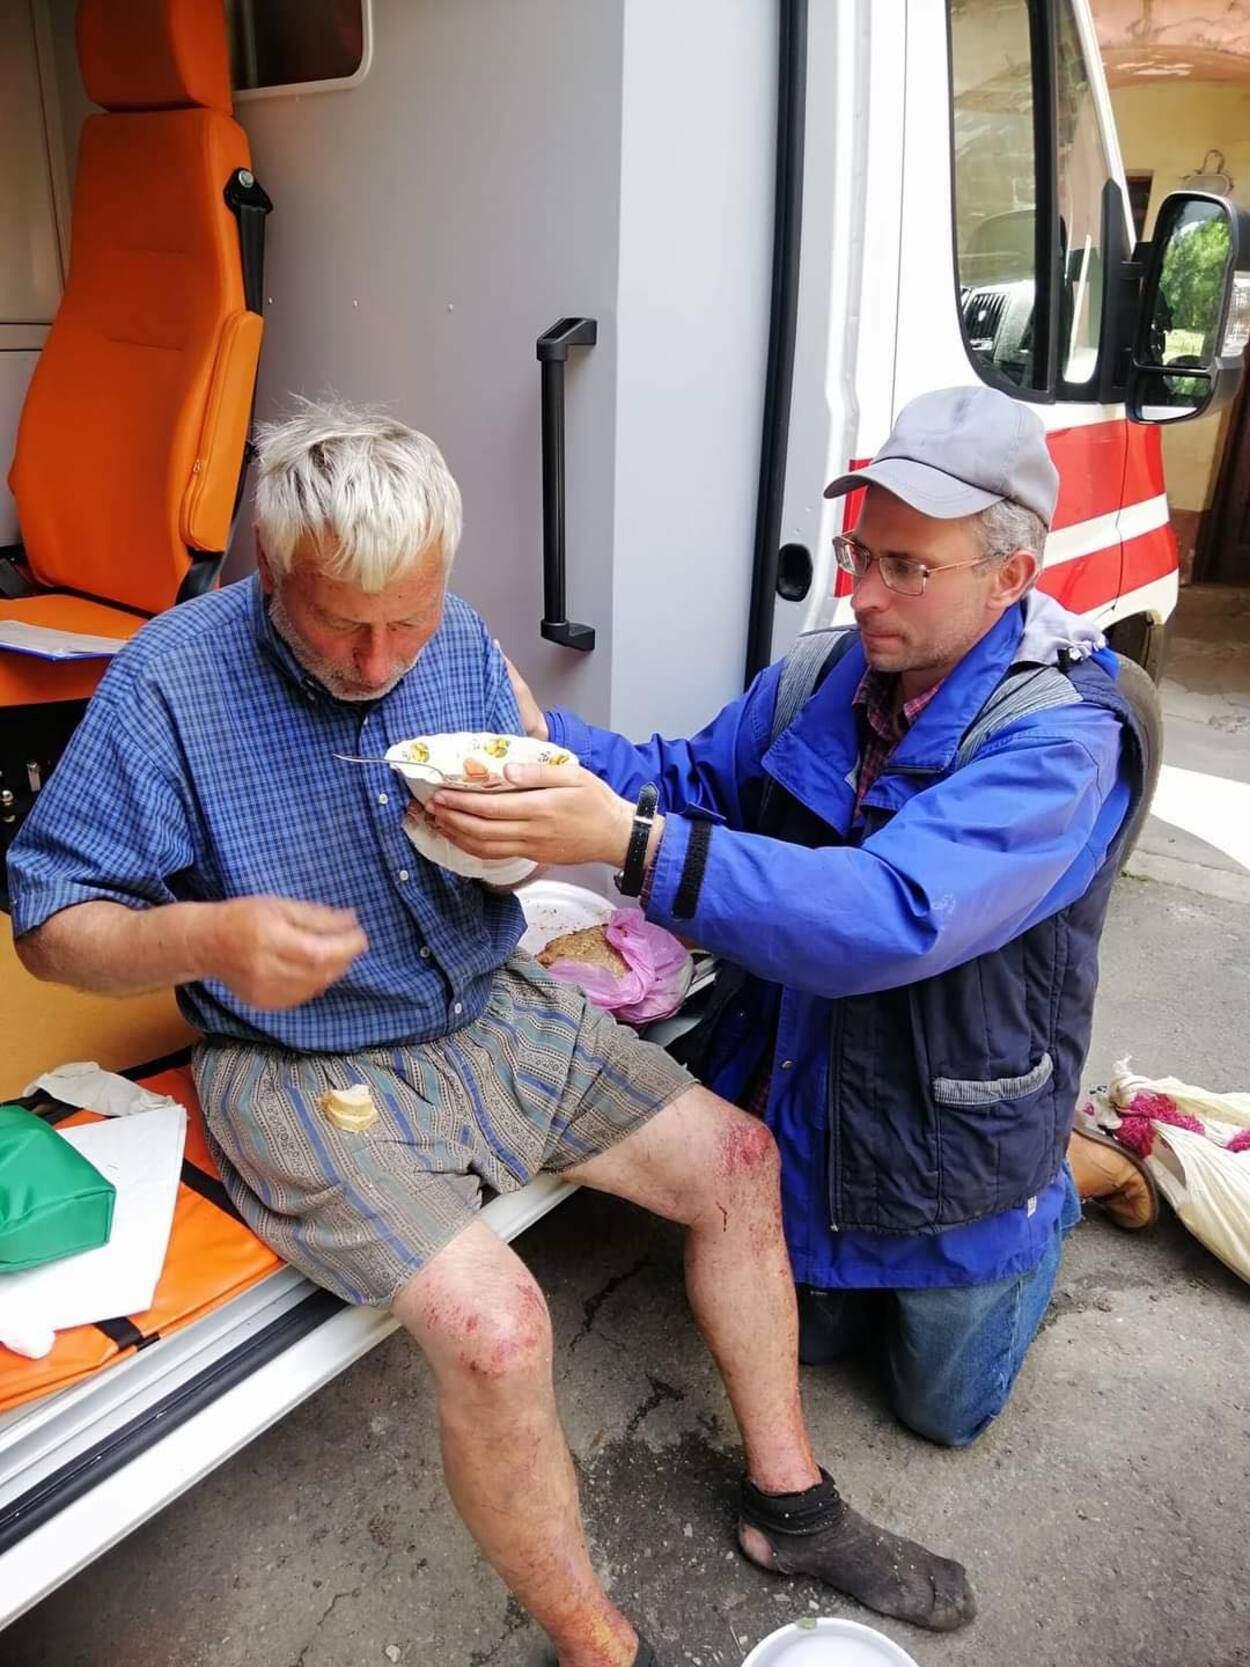 Загадково зник 5 днів тому: неподалік Львова перехожий випадково врятував дідуся – фото